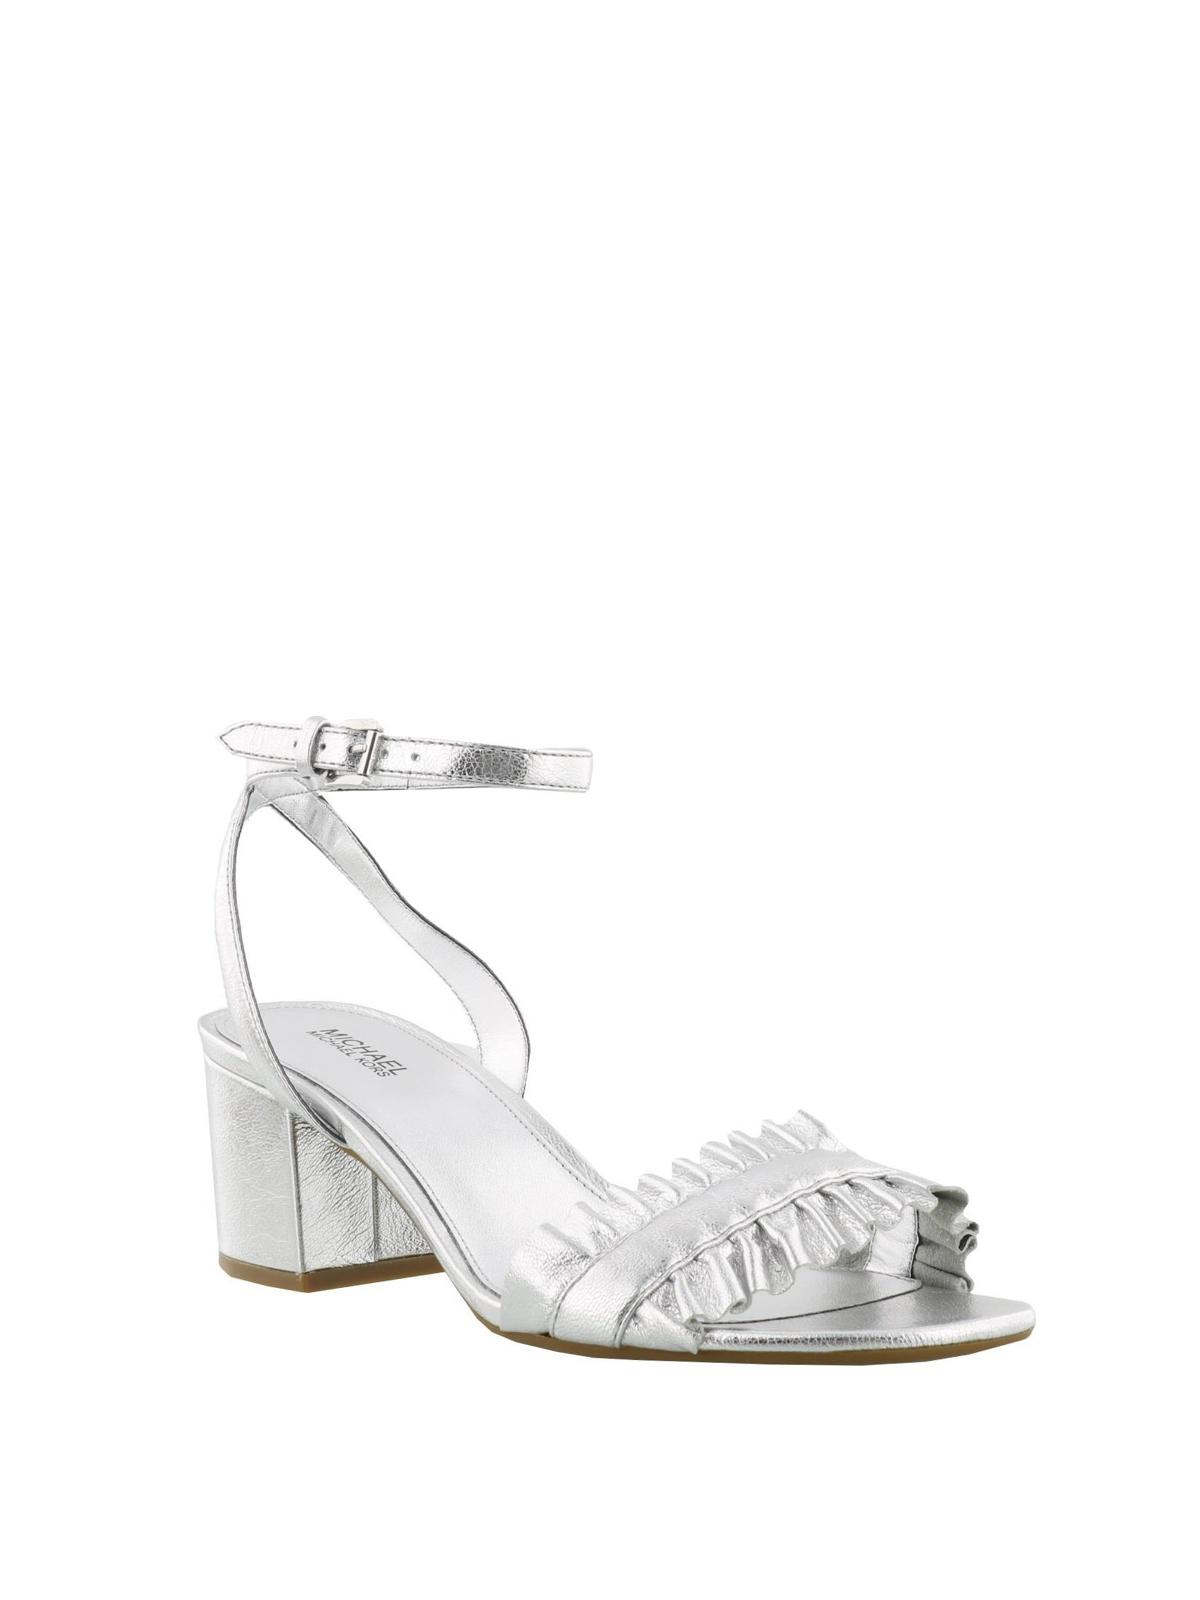 347262a2c6b89 Michael Kors - Bella flex mid silver sandals - sandals - 40S8BLMA1M 040